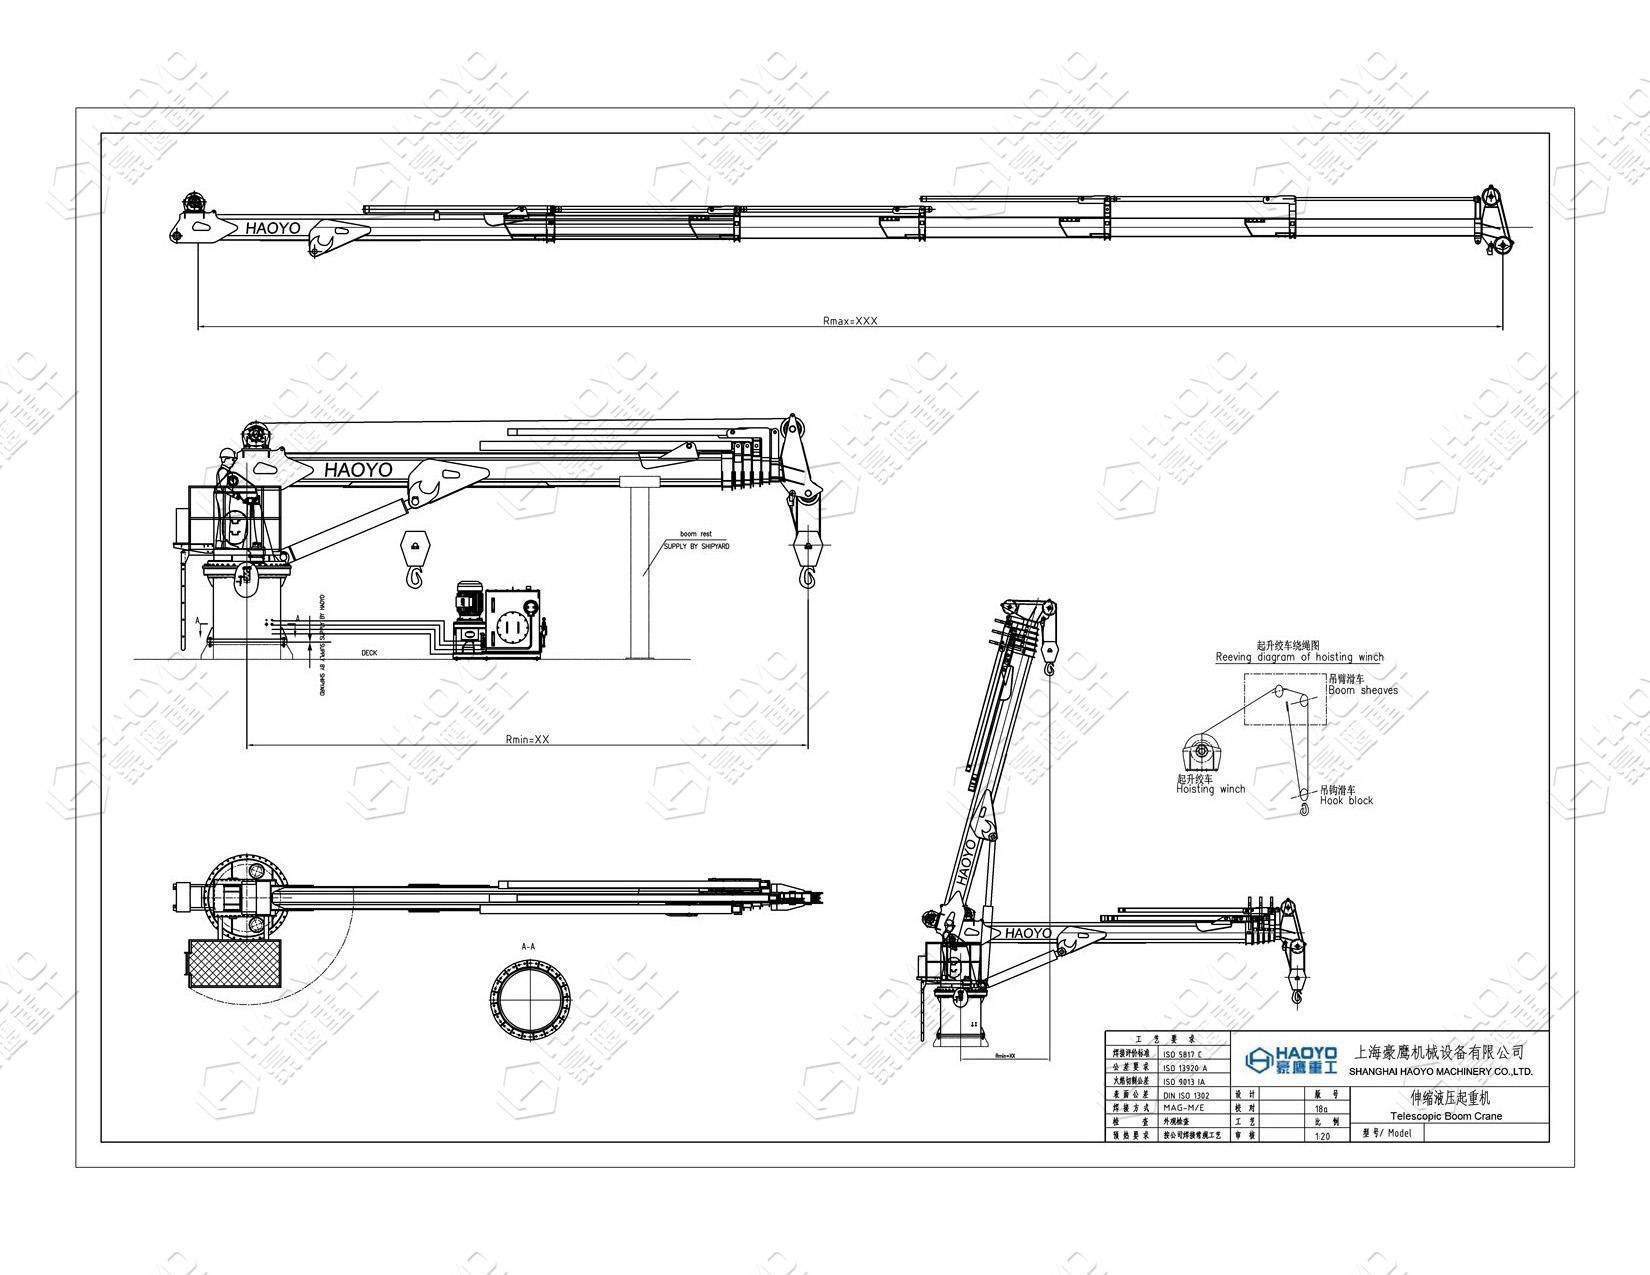 伸缩液压直臂式起重机 4